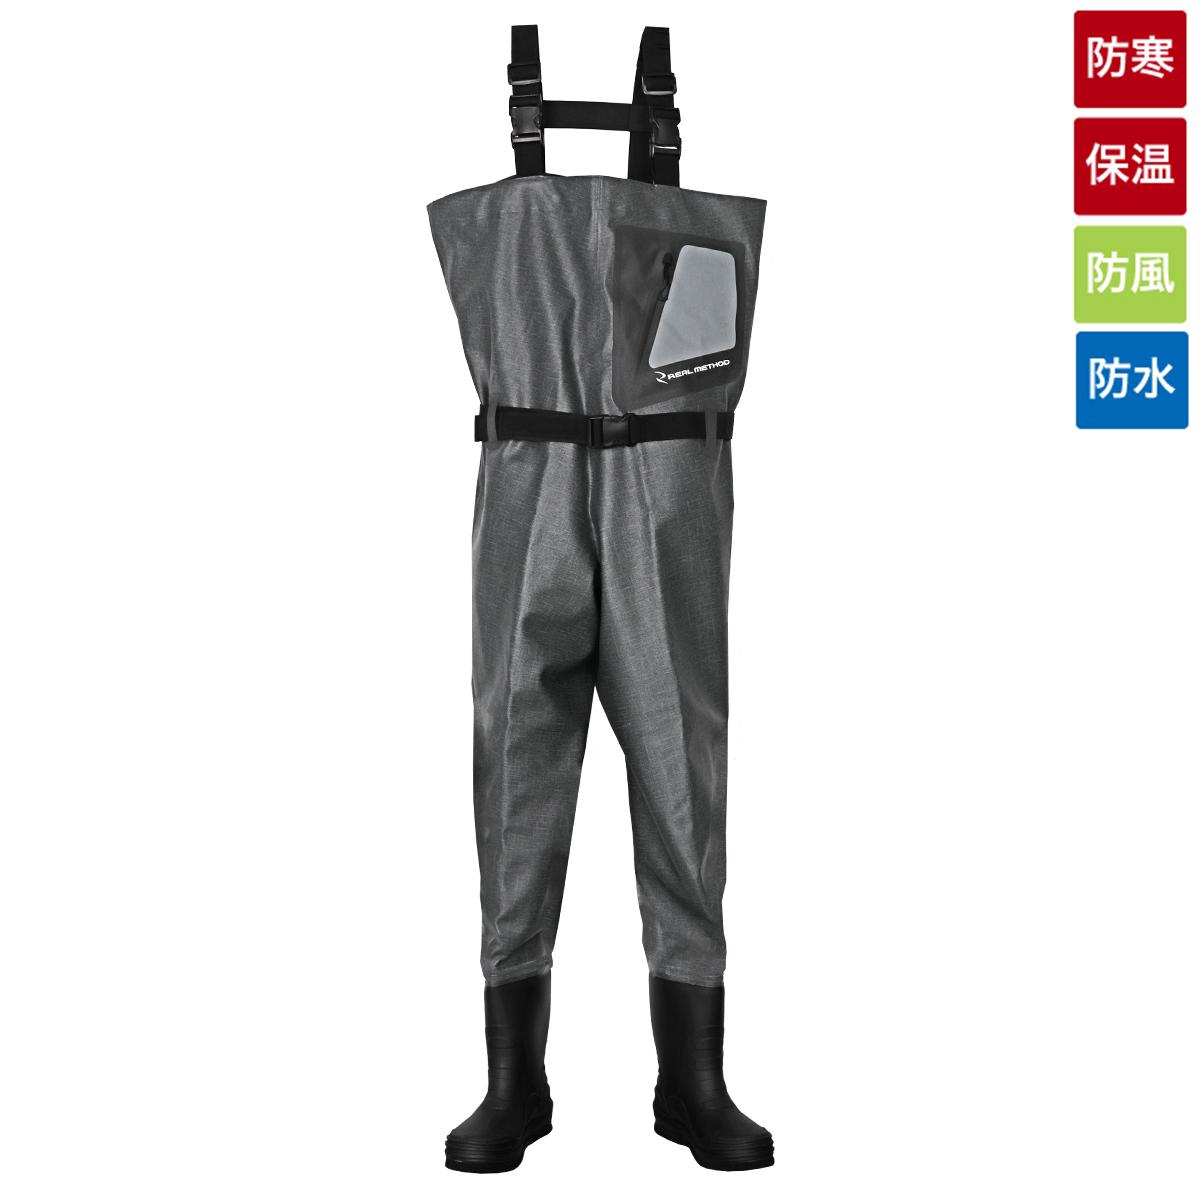 タカミヤ REAL METHOD PVC 裏起毛 チェストハイウェーダー 2XL 杢グレー ウェーダー(東日本店)